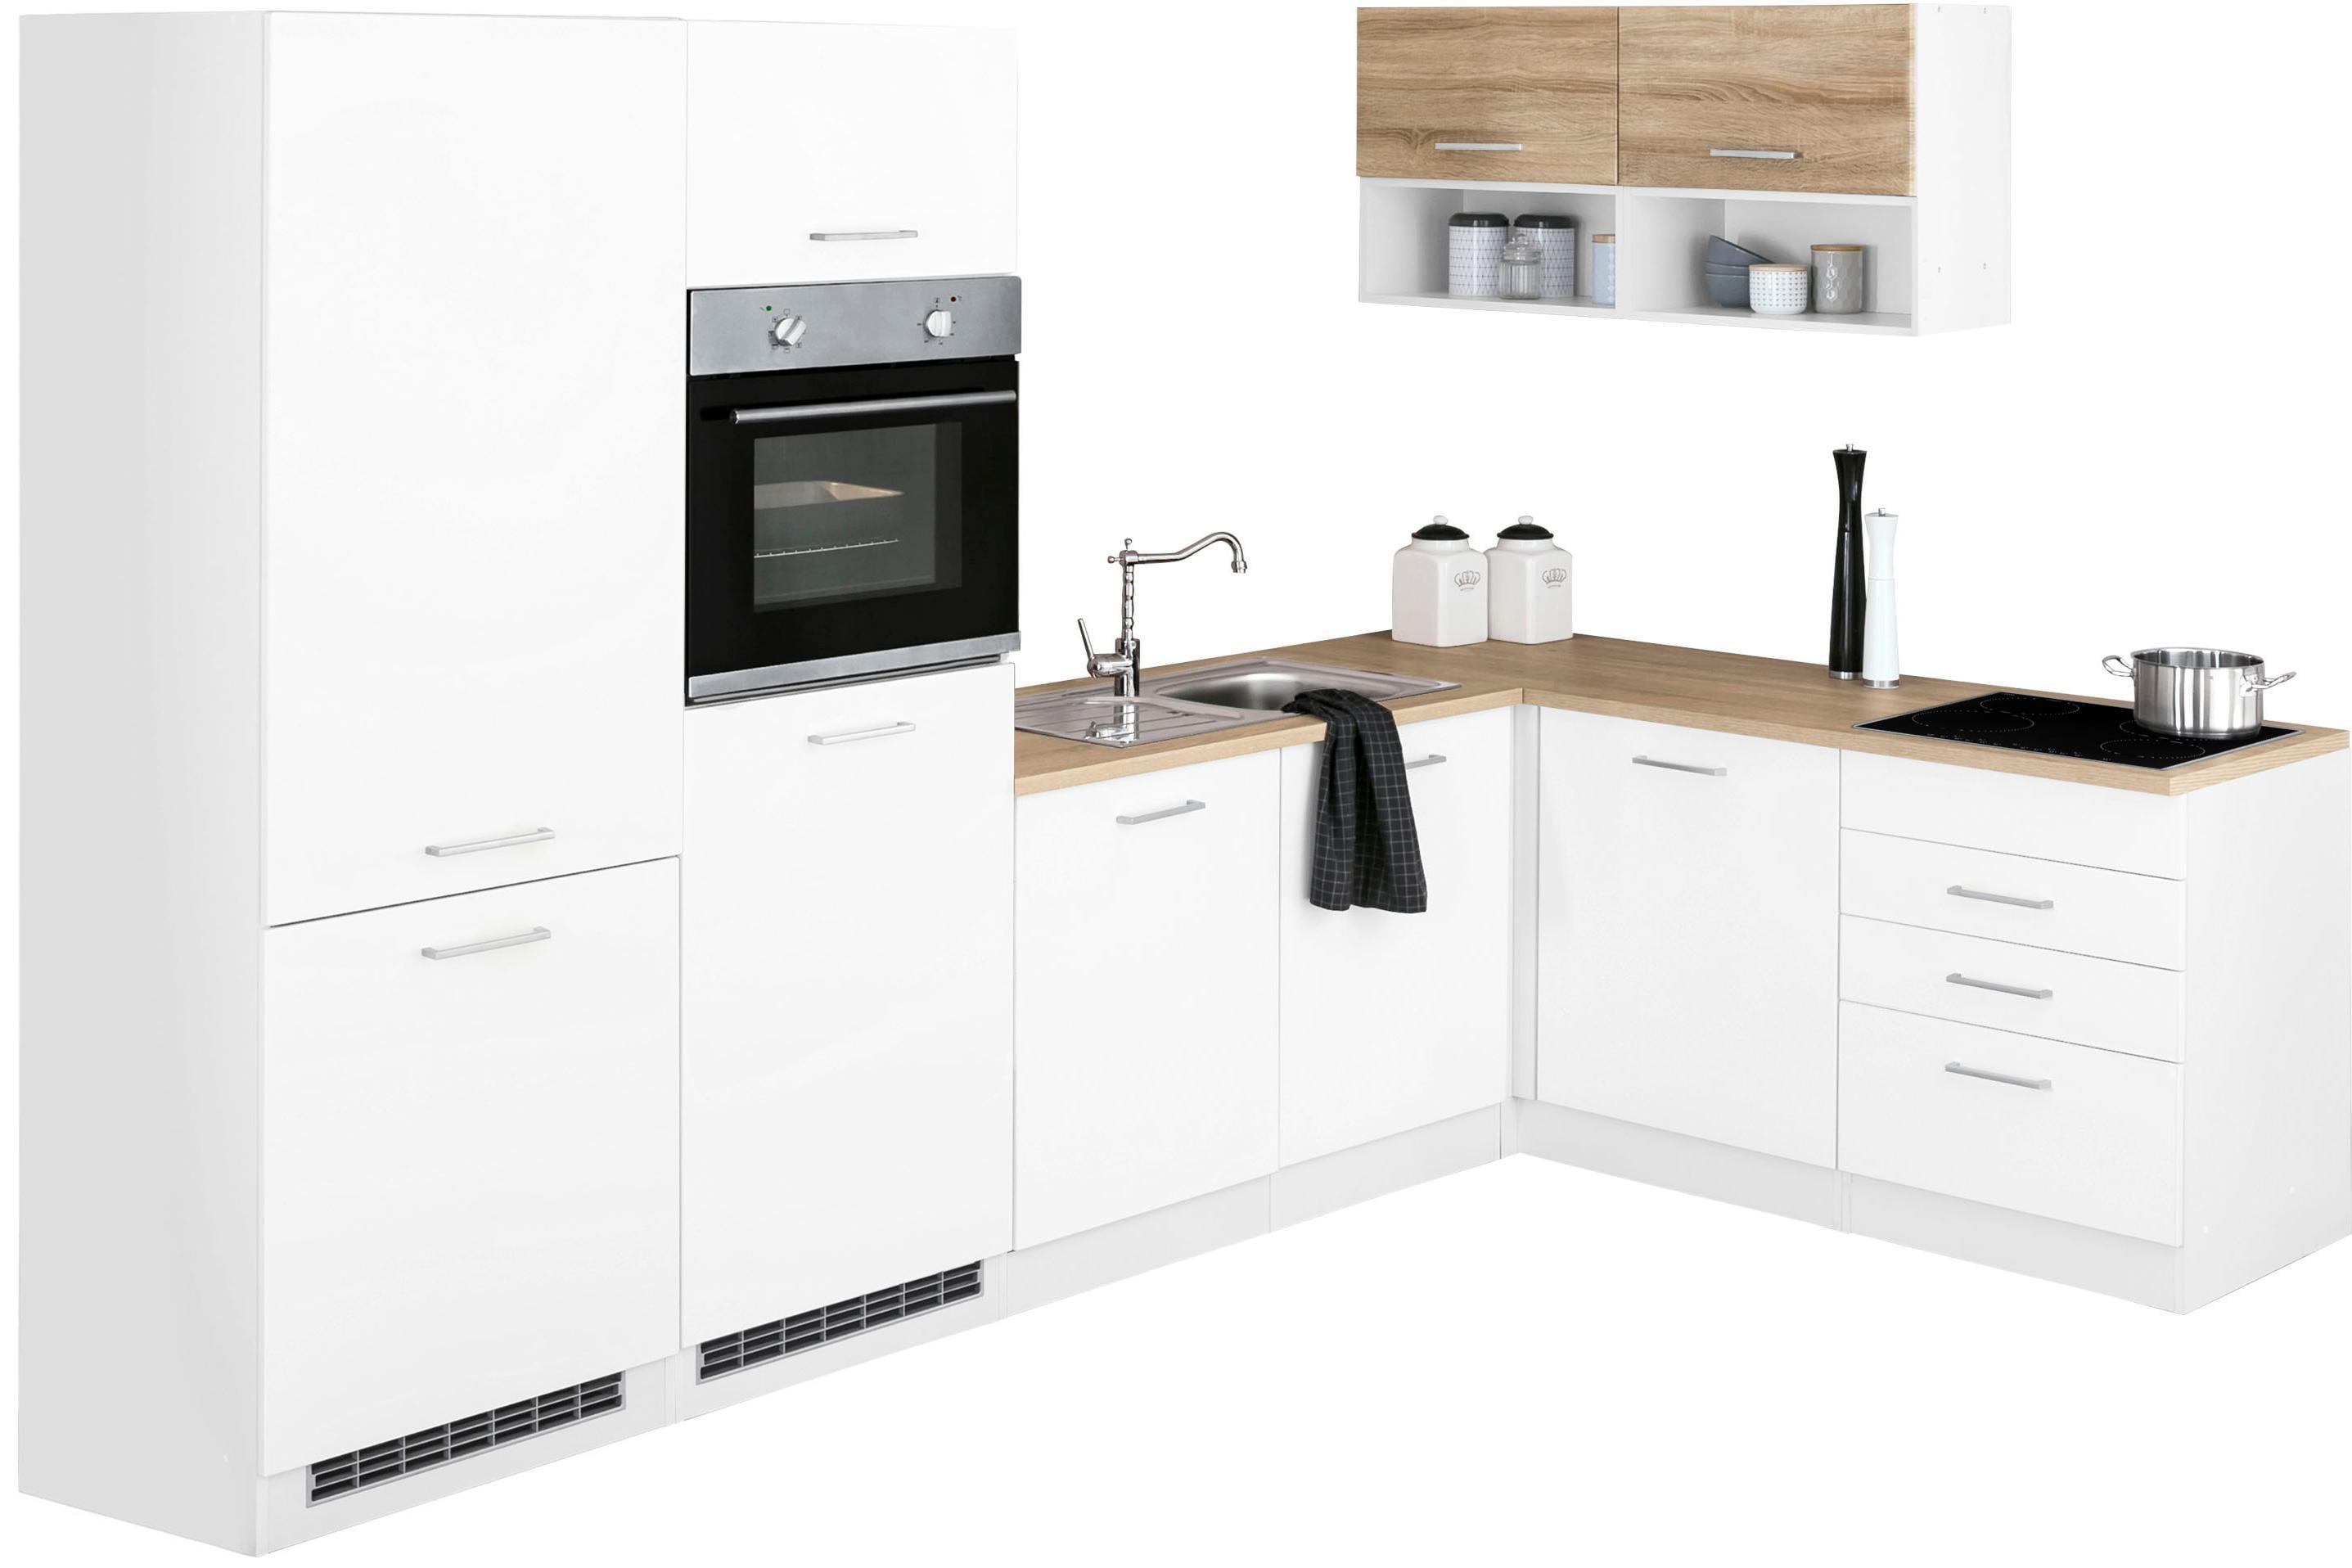 HELD MÖBEL Winkelküche »Visby« | Küche und Esszimmer > Küchen > Winkelküchen | Weiß | HELD MÖBEL